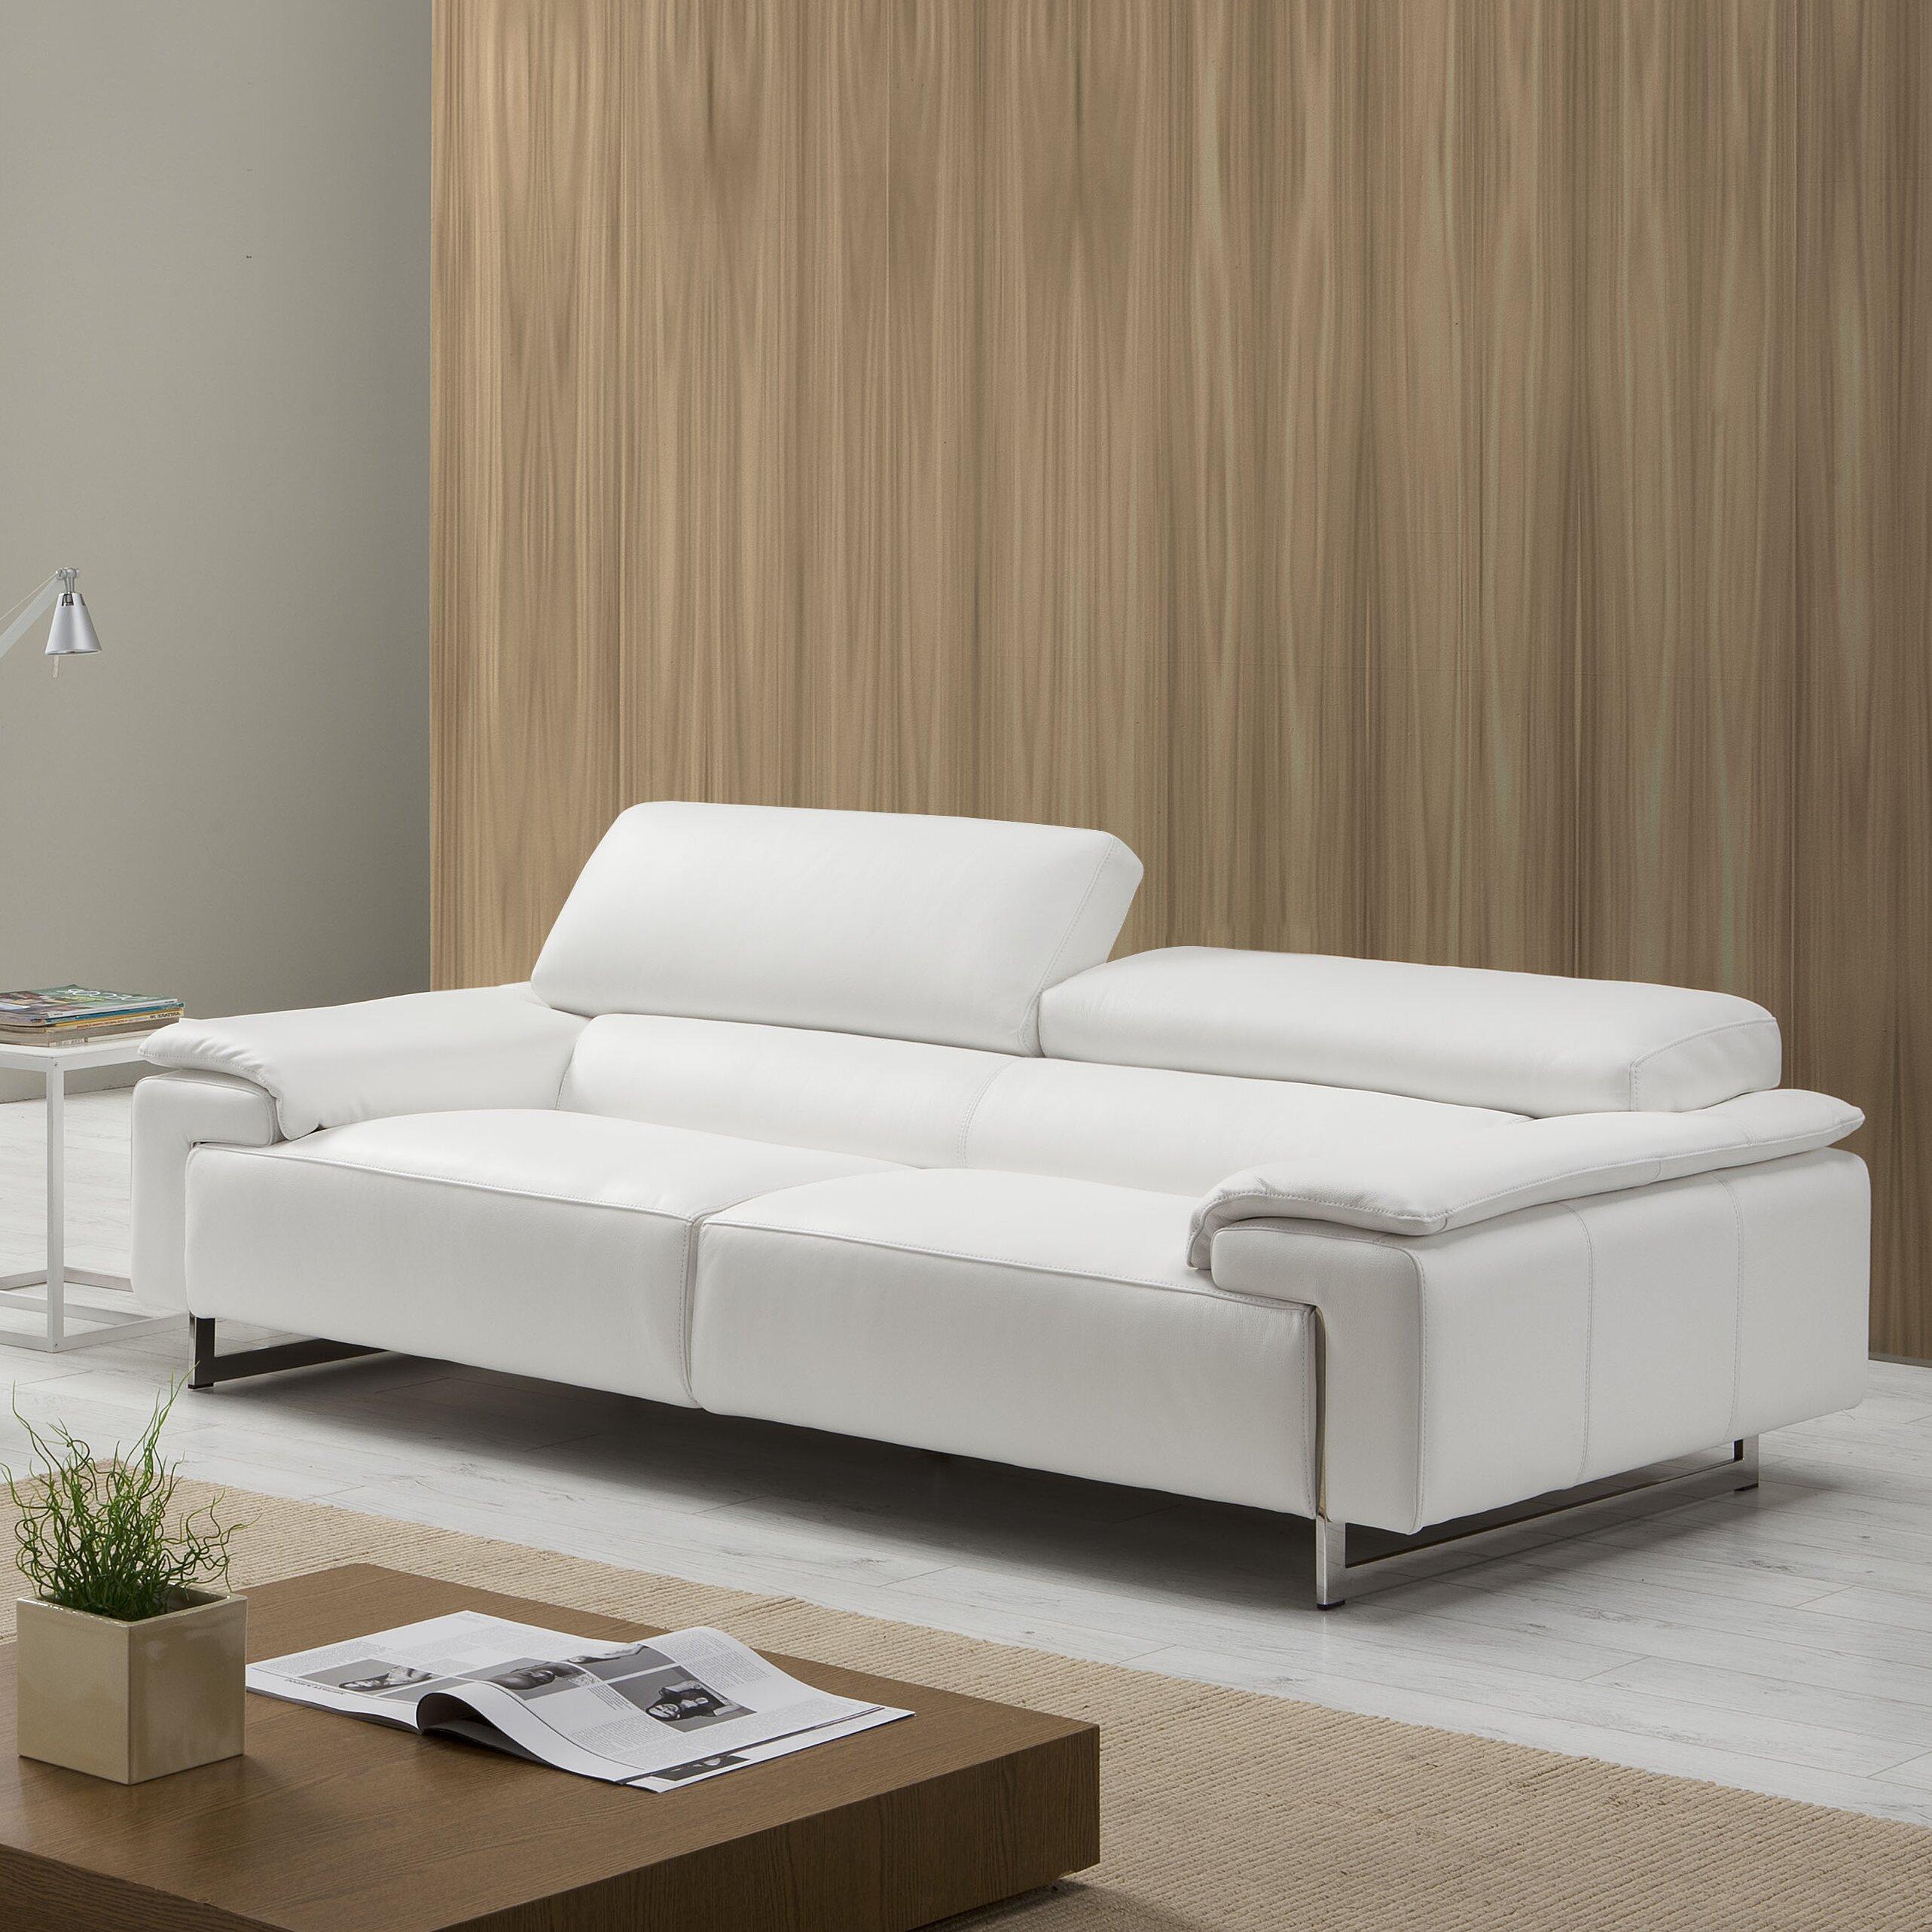 Opera Divani Vanity 3 Seater Modular Sofa Reviews